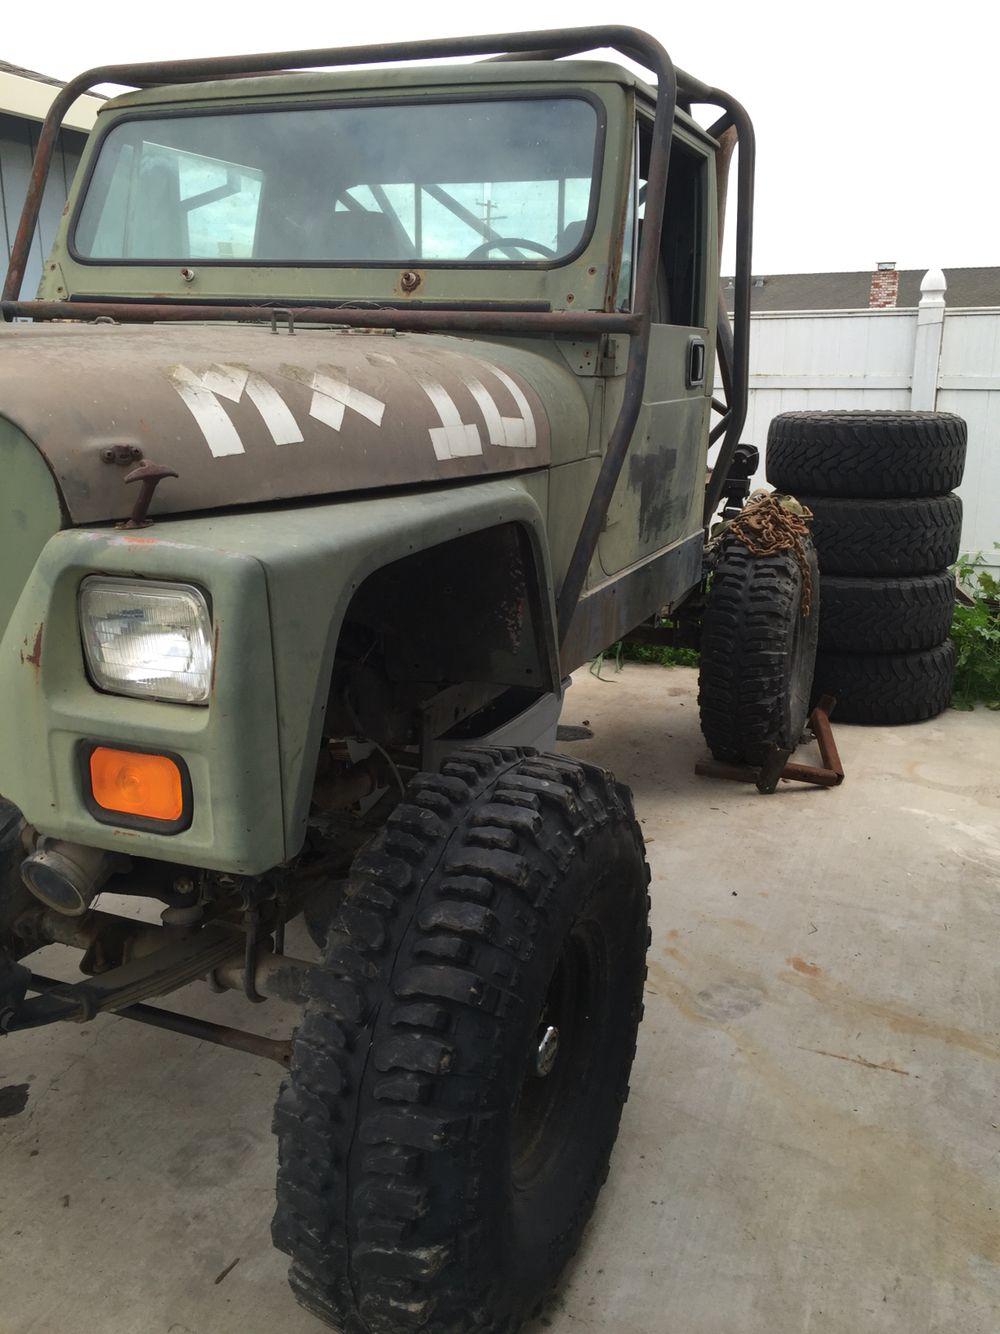 1984 cj10a build jeeps